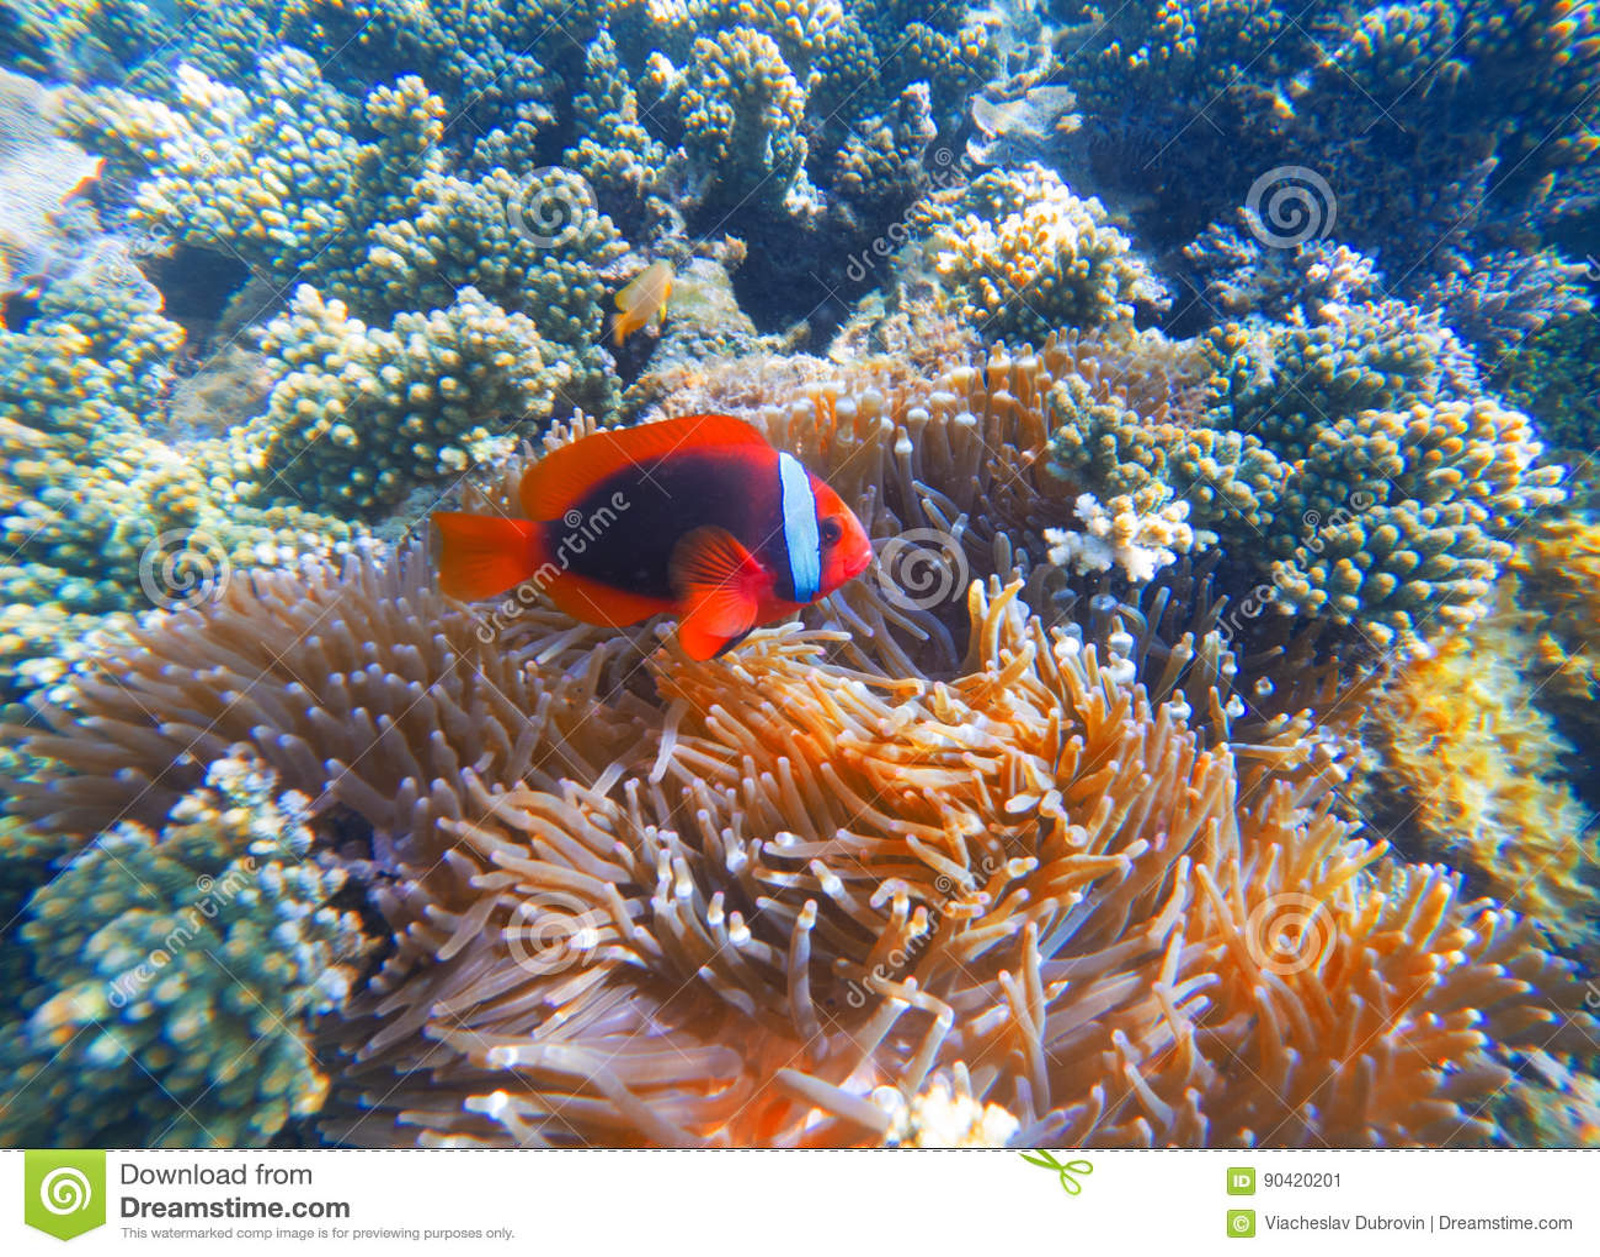 Rote Clownfische im Actinianahaufnahmefoto Clownfish im Korallenriff